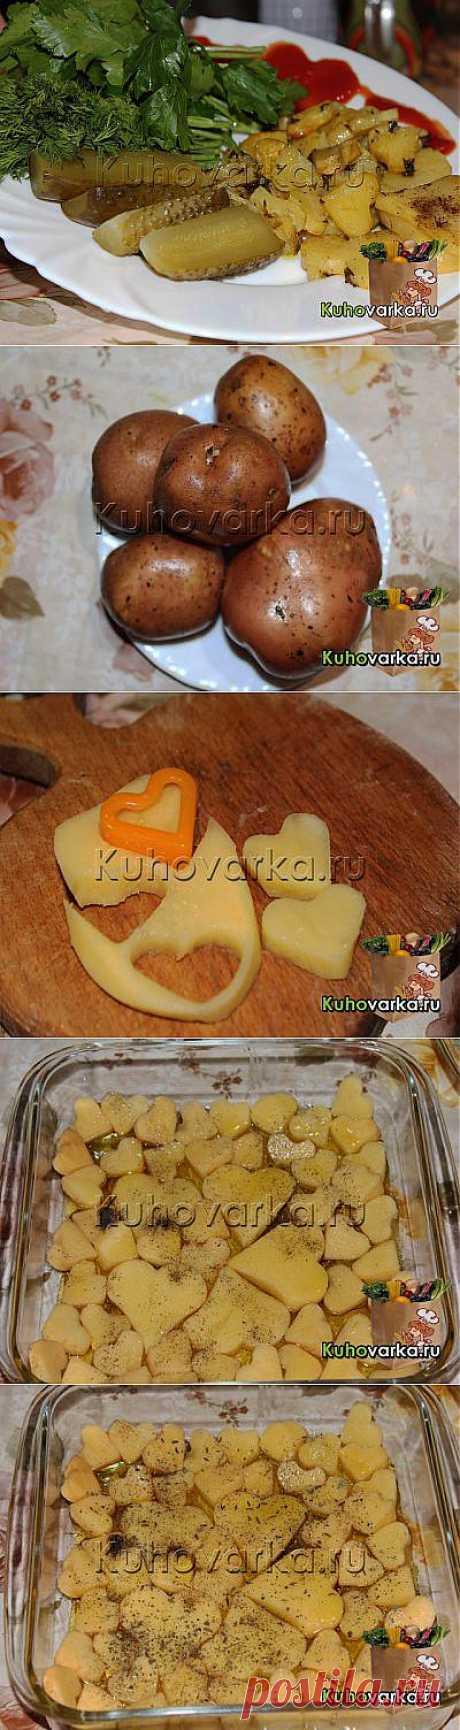 Запечённая картошка «Сердечки» » Домашняя кулинария. Семейная энциклопедия блюд и рецептов